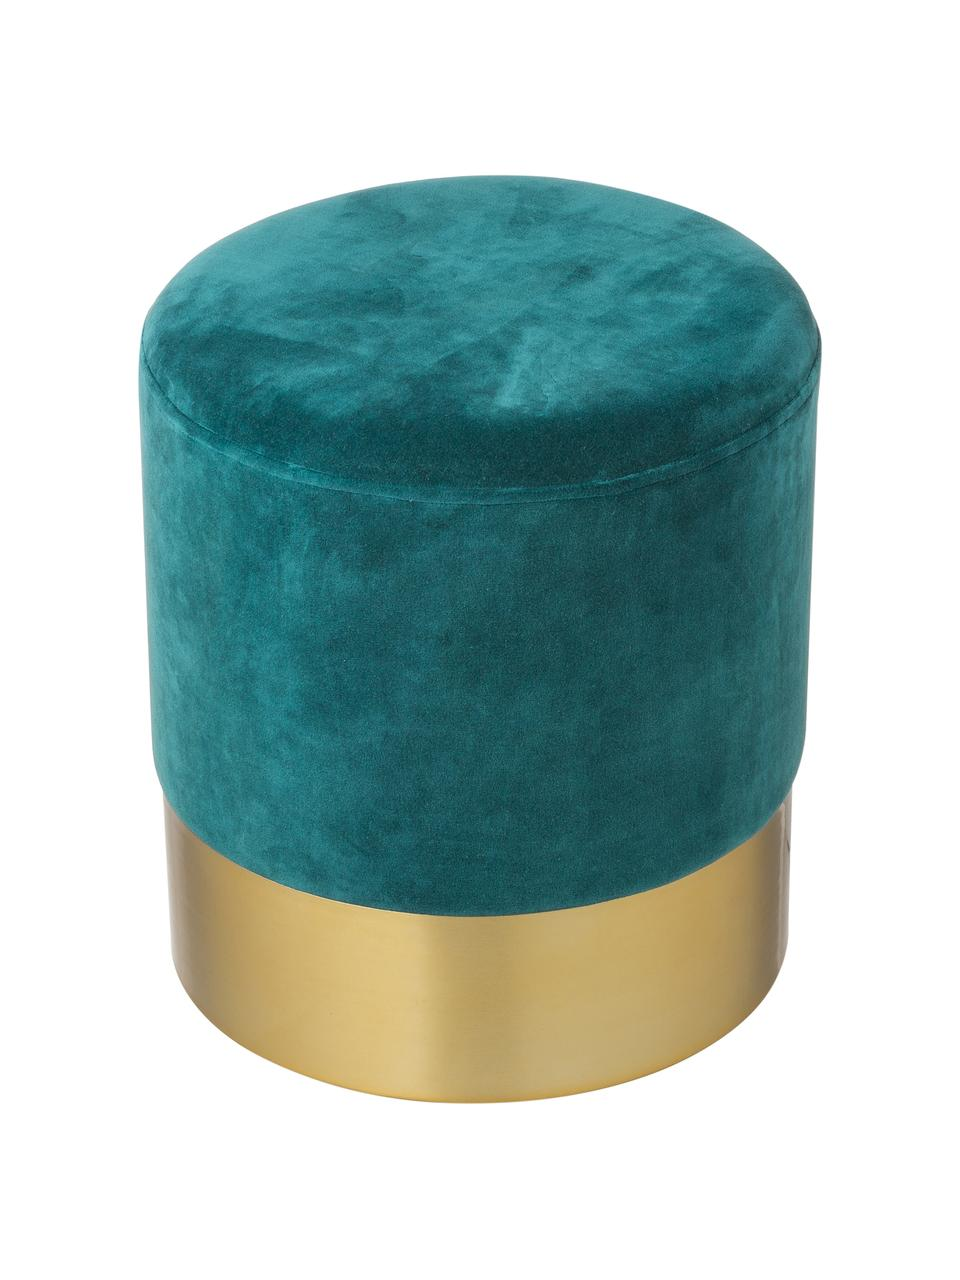 Samt-Hocker Harlow, Bezug: Baumwollsamt, Fuß: Eisen, pulverbeschichtet, Petrol, Goldfarben, Ø 38 x H 42 cm